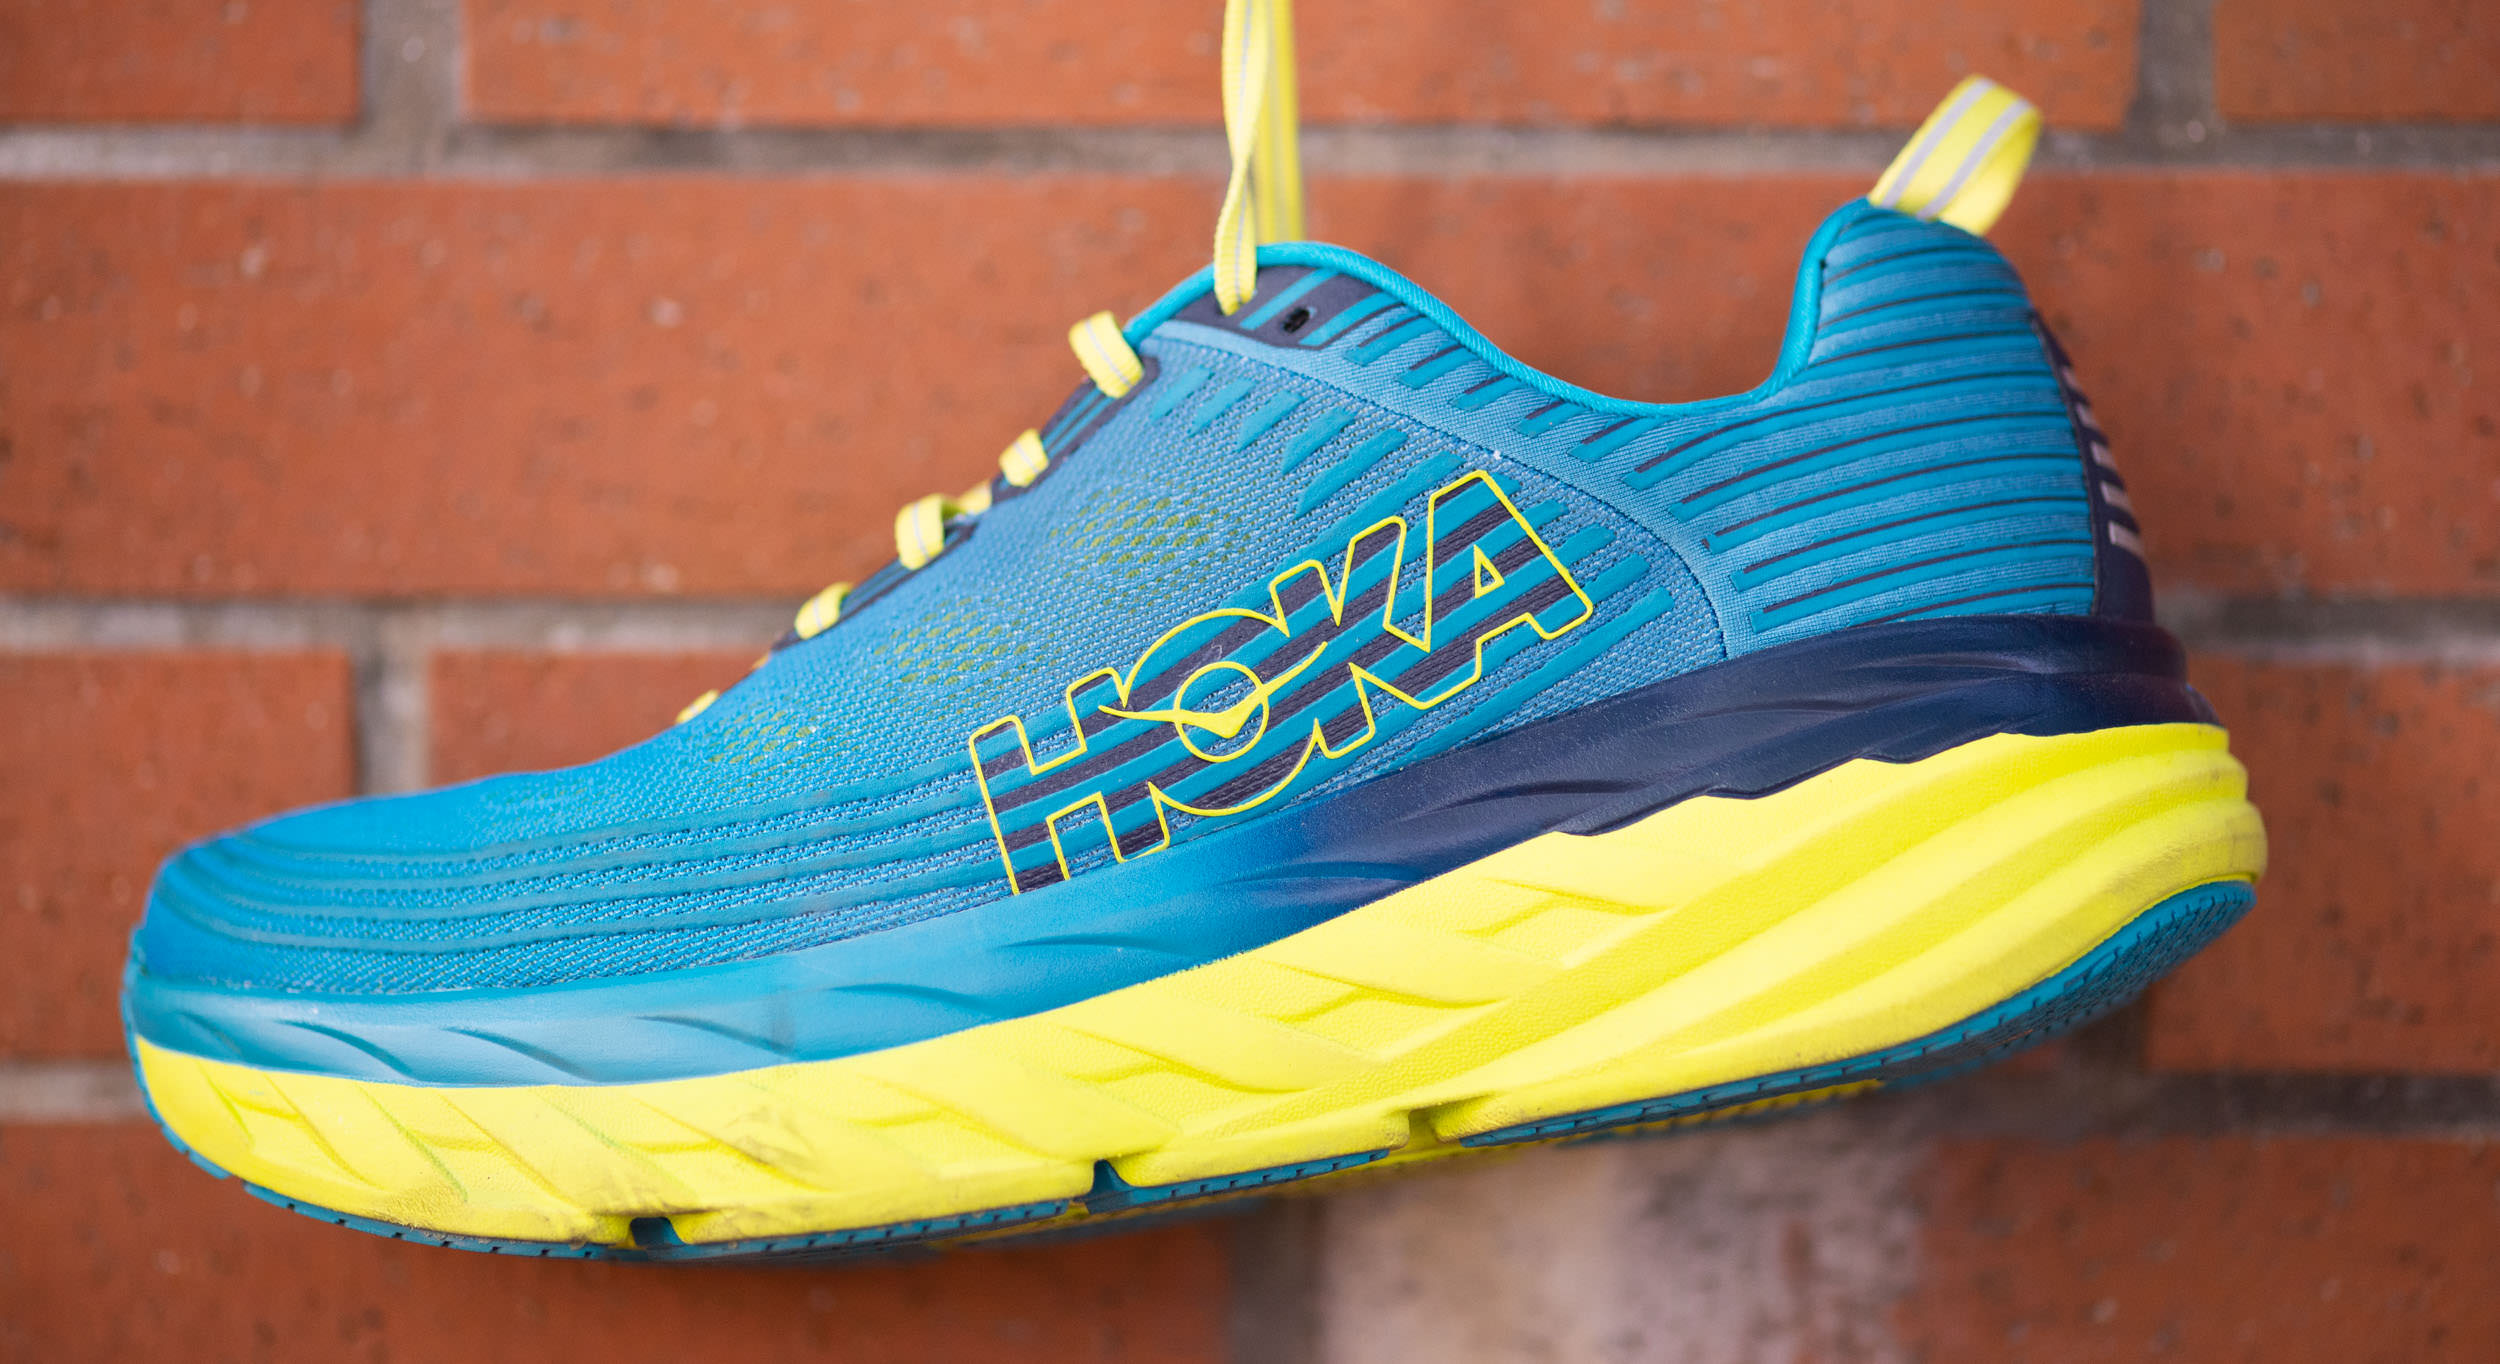 跑鞋 | 缓冲新境界 HOKA ONE ONE Bondi 6深度评测